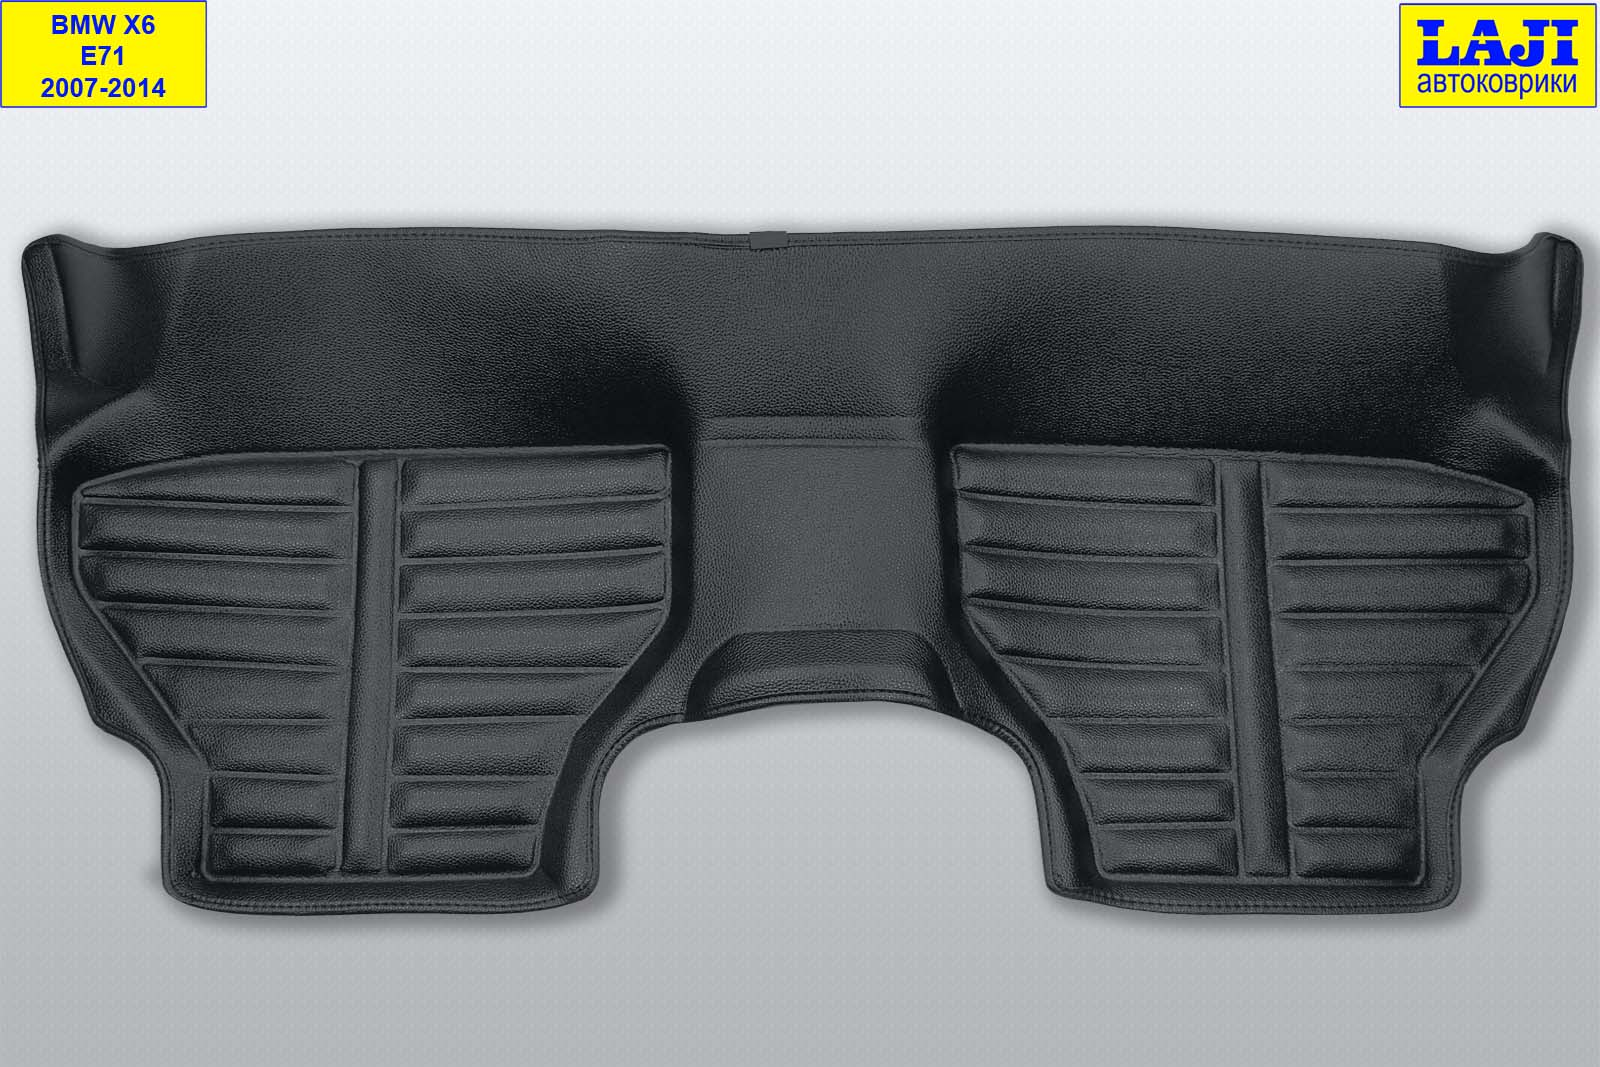 5D коврики в салон BMW X6 (E71) 2007-2014 9